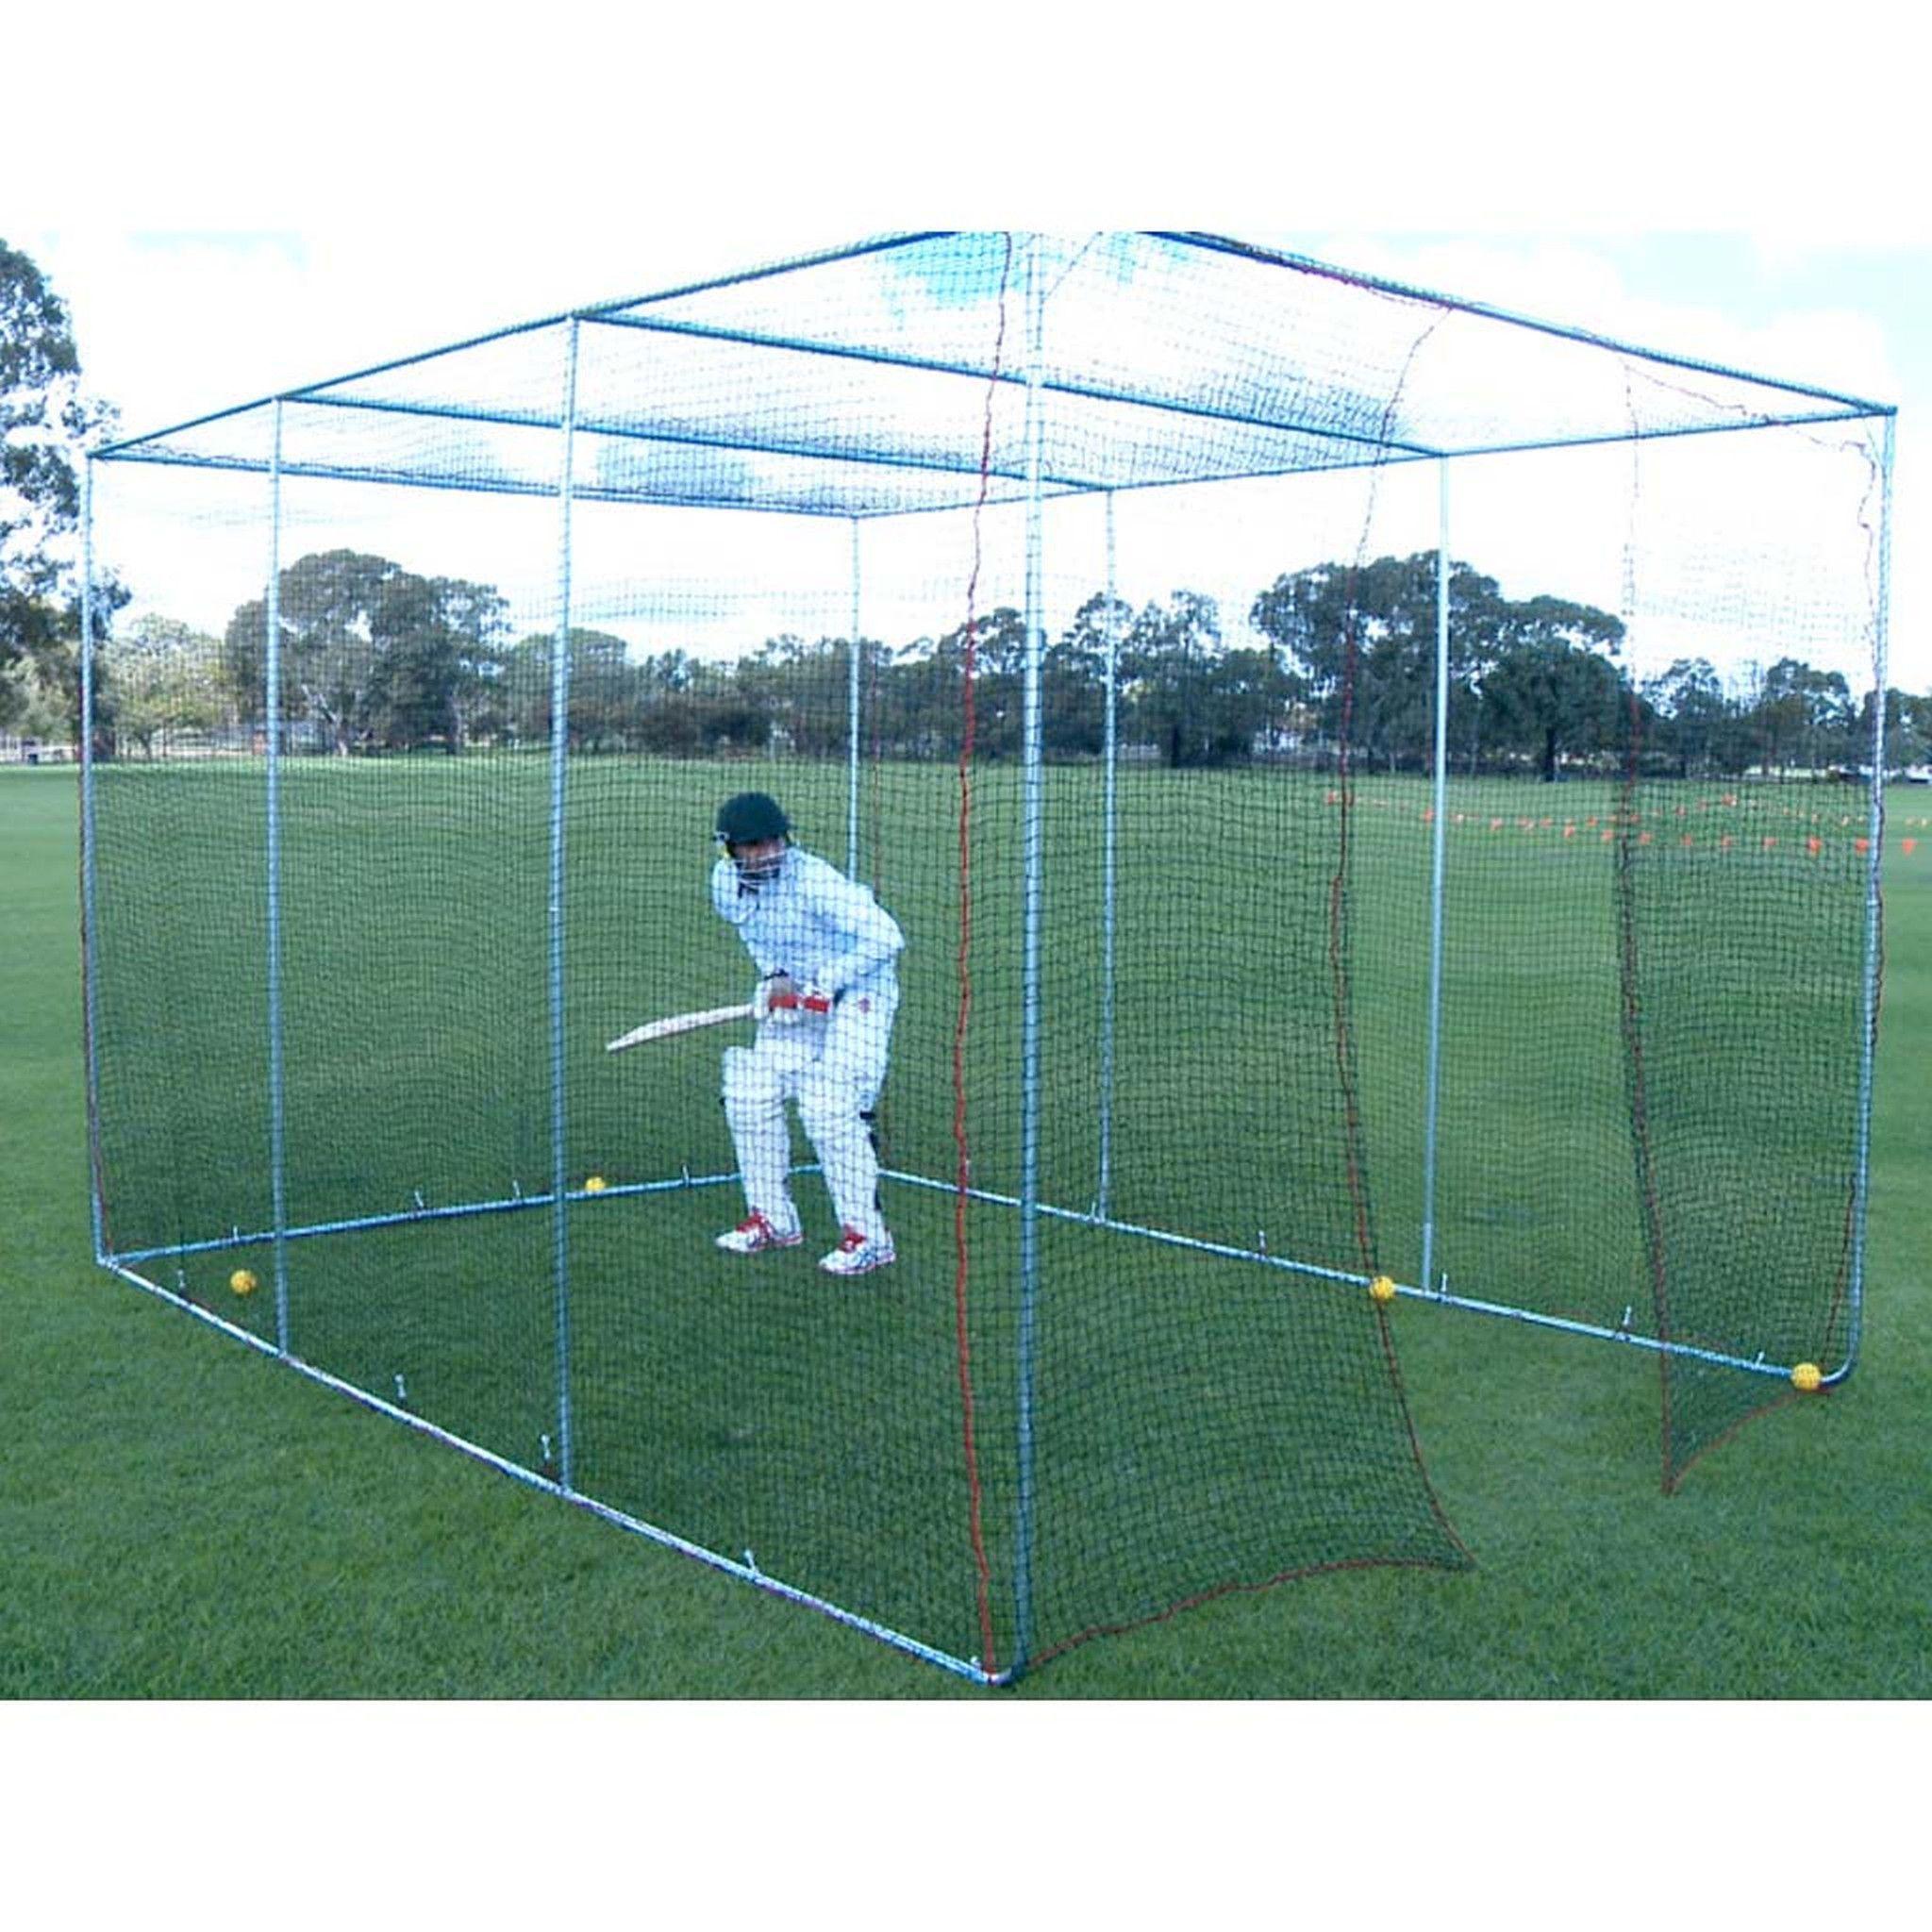 Merveilleux Paceman FS5 Net   Home Ground Portable Net. Cricket Nets